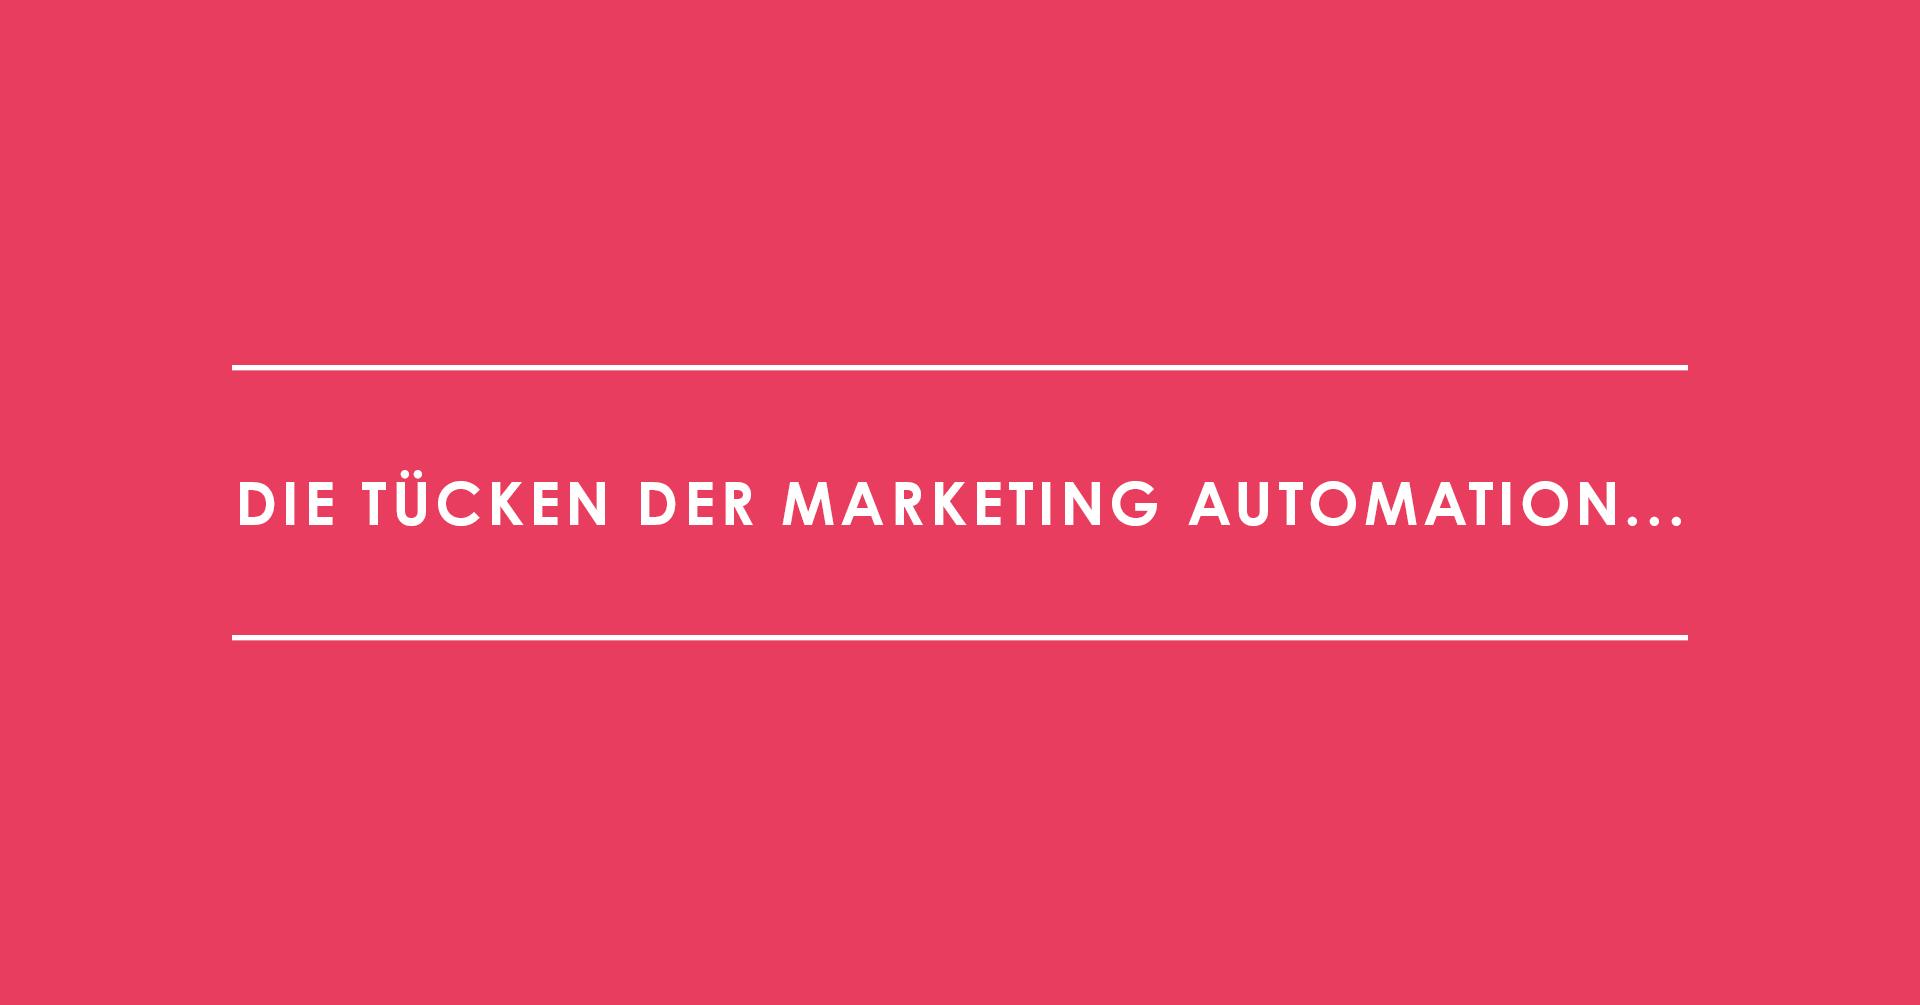 Die Tücken der Marketing Automation...